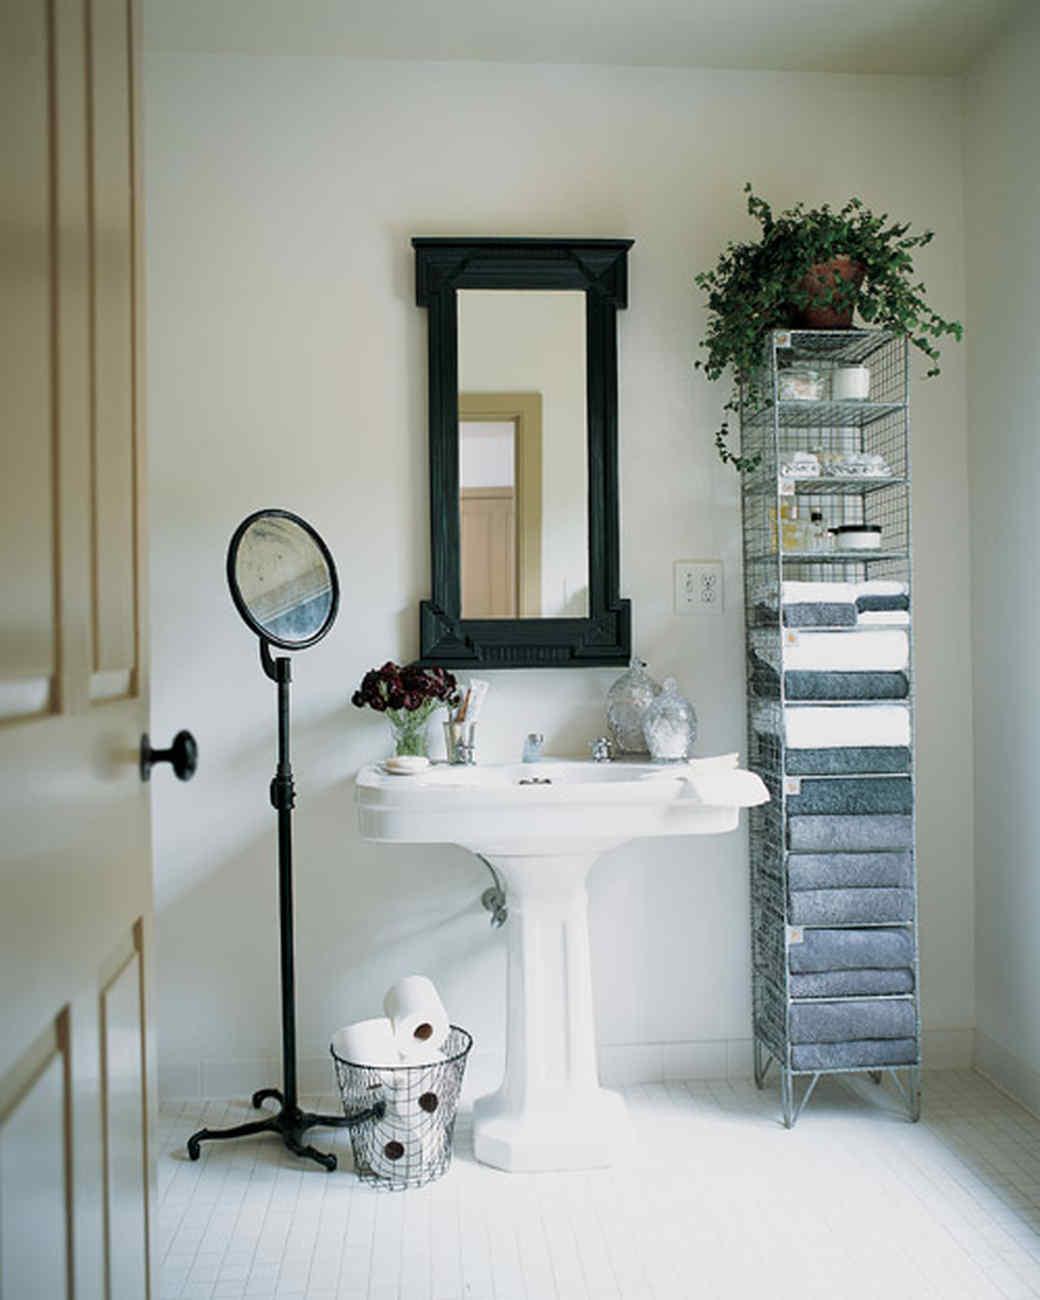 msl_0901_bathroom.jpg